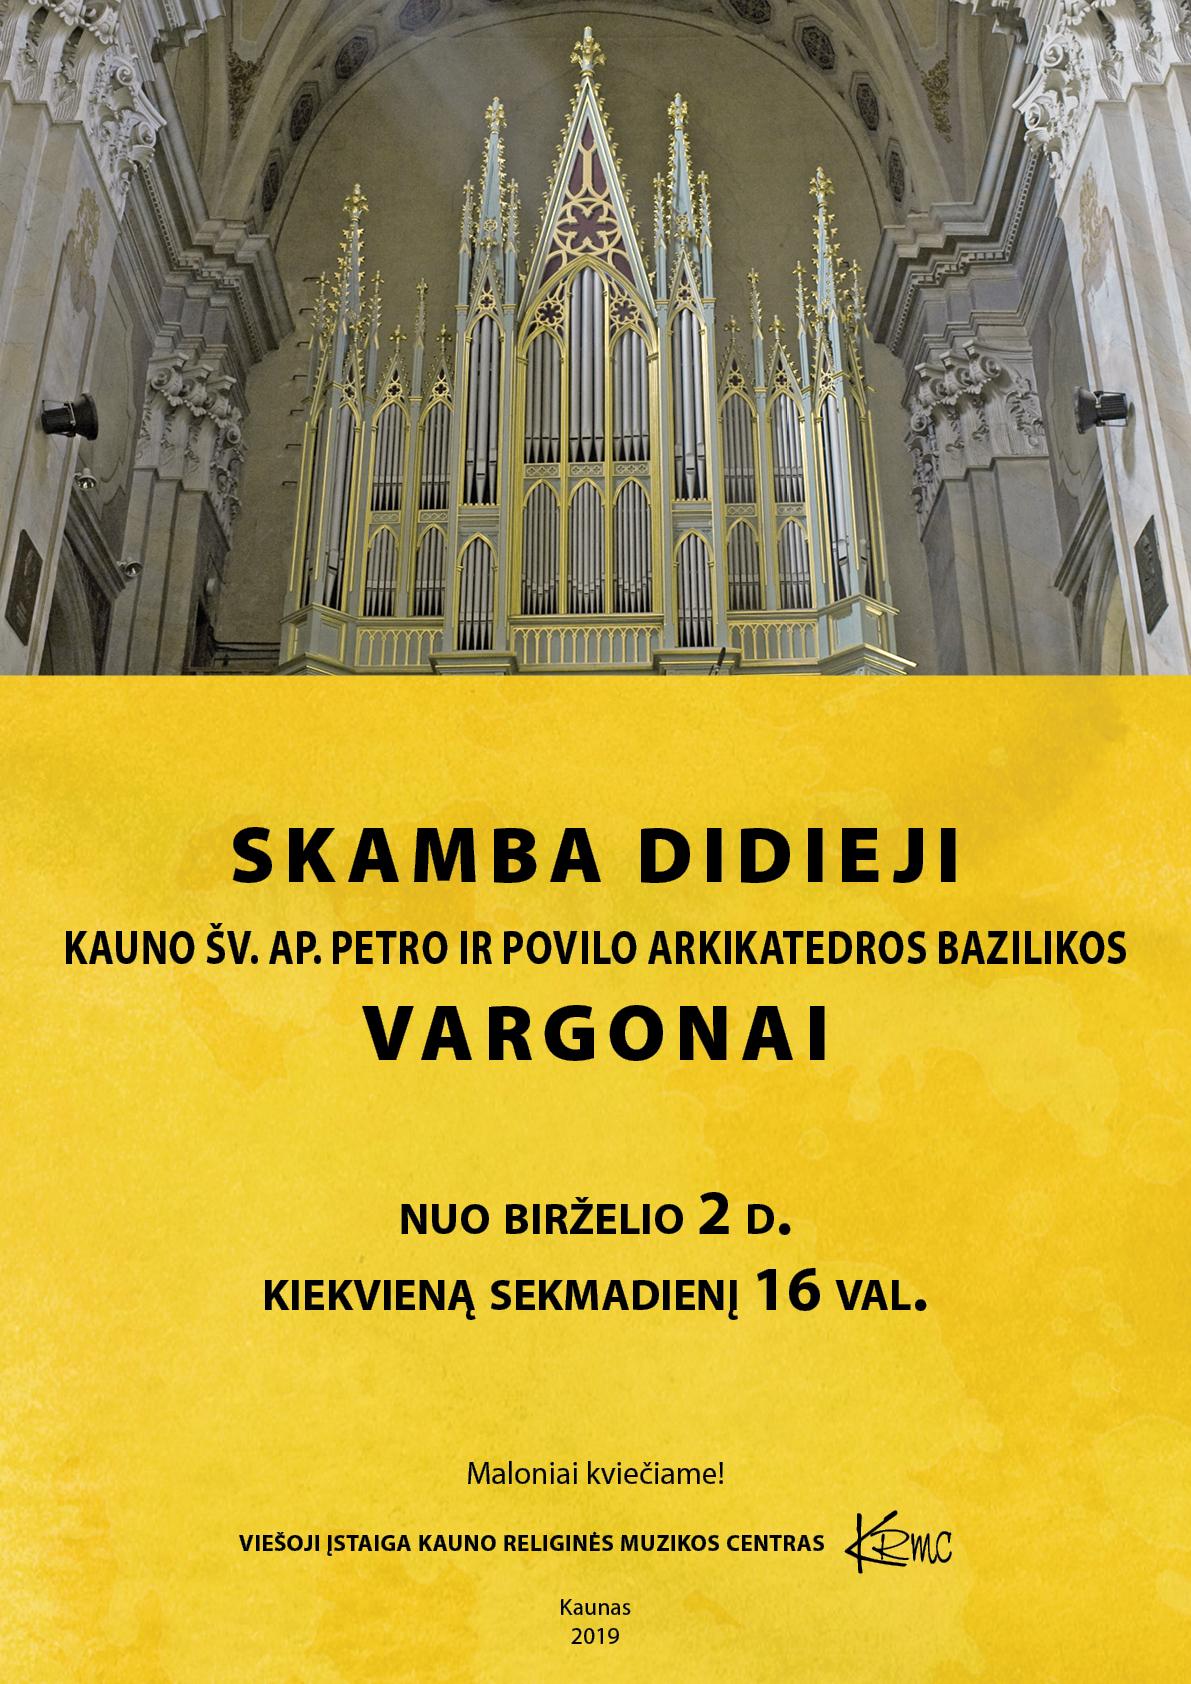 Skamba didieji Kauno arkikatedros vargonai-2019